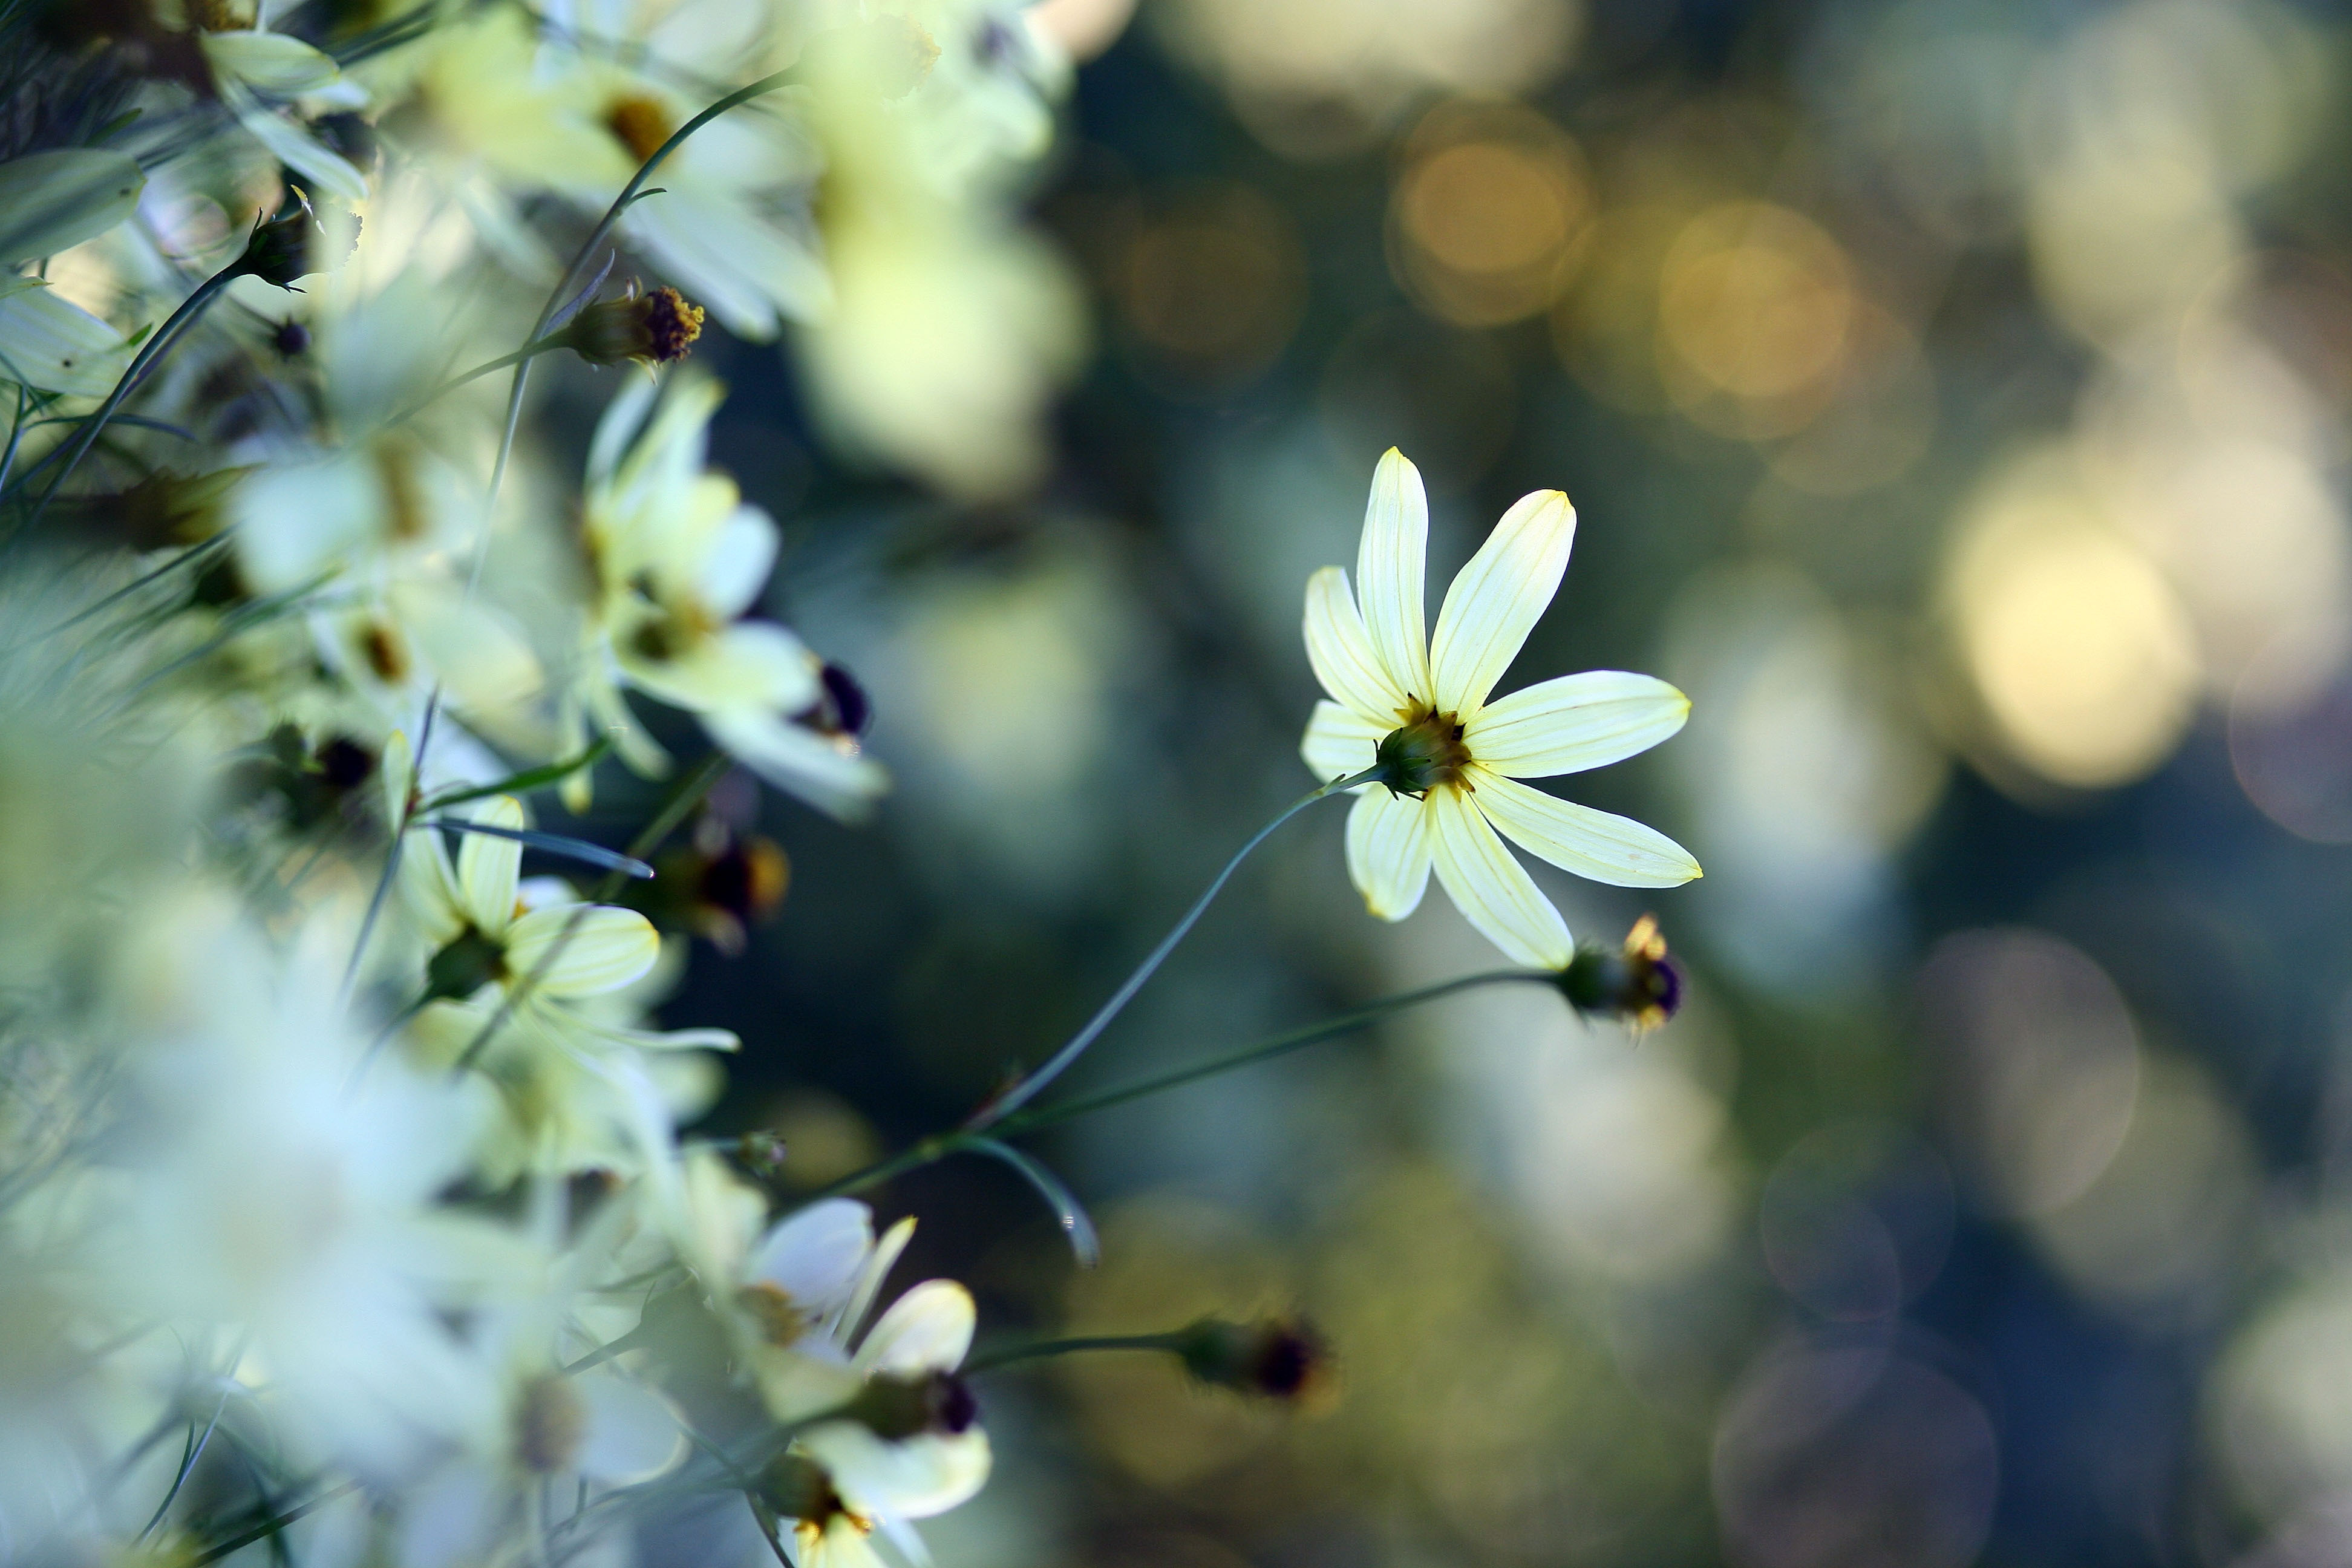 самом картинки с высоким разрешением вертикаль цветы натуральными